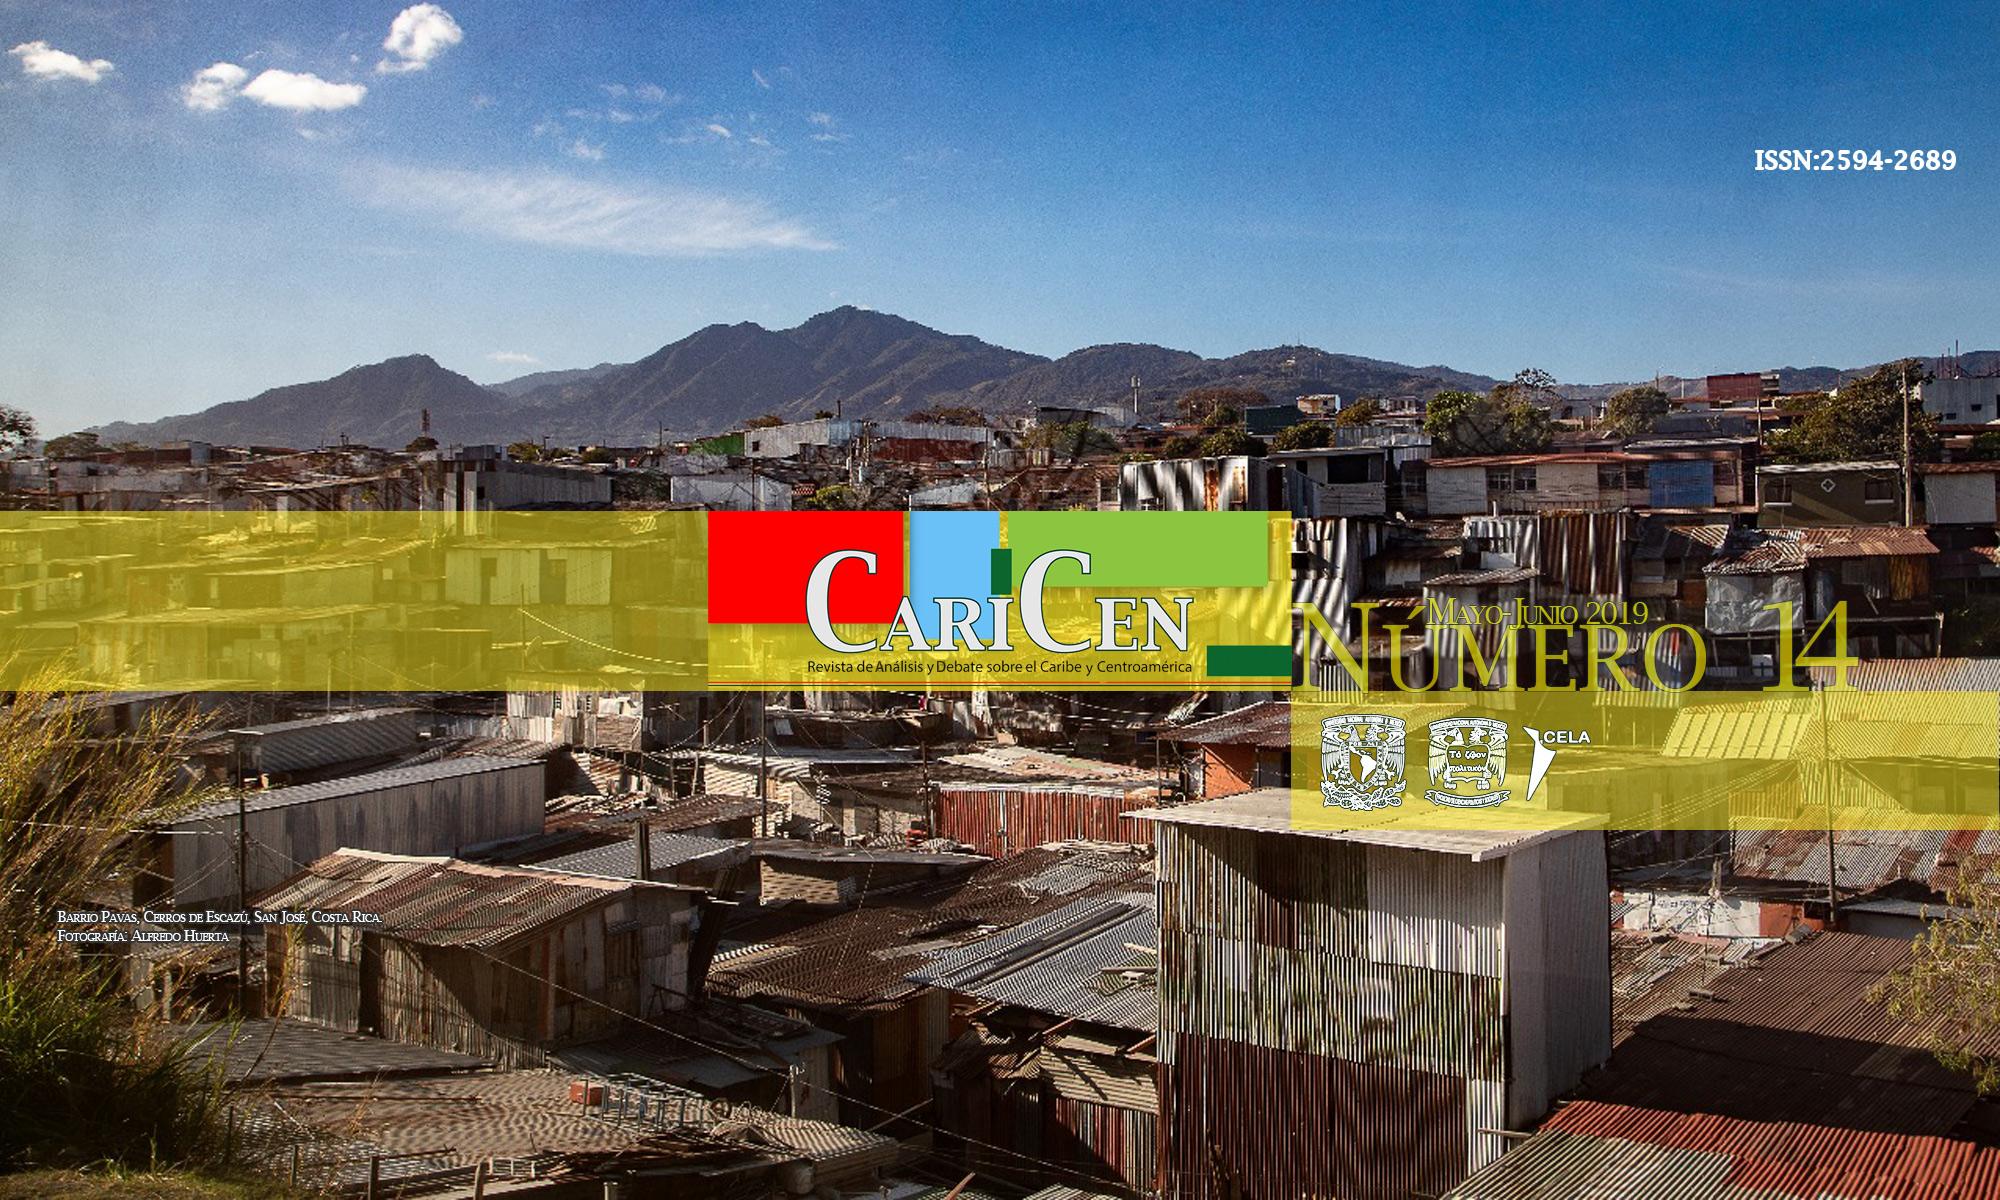 CARICEN Revista de Análisis y Debate sobre el Caribe y Centroamérica.